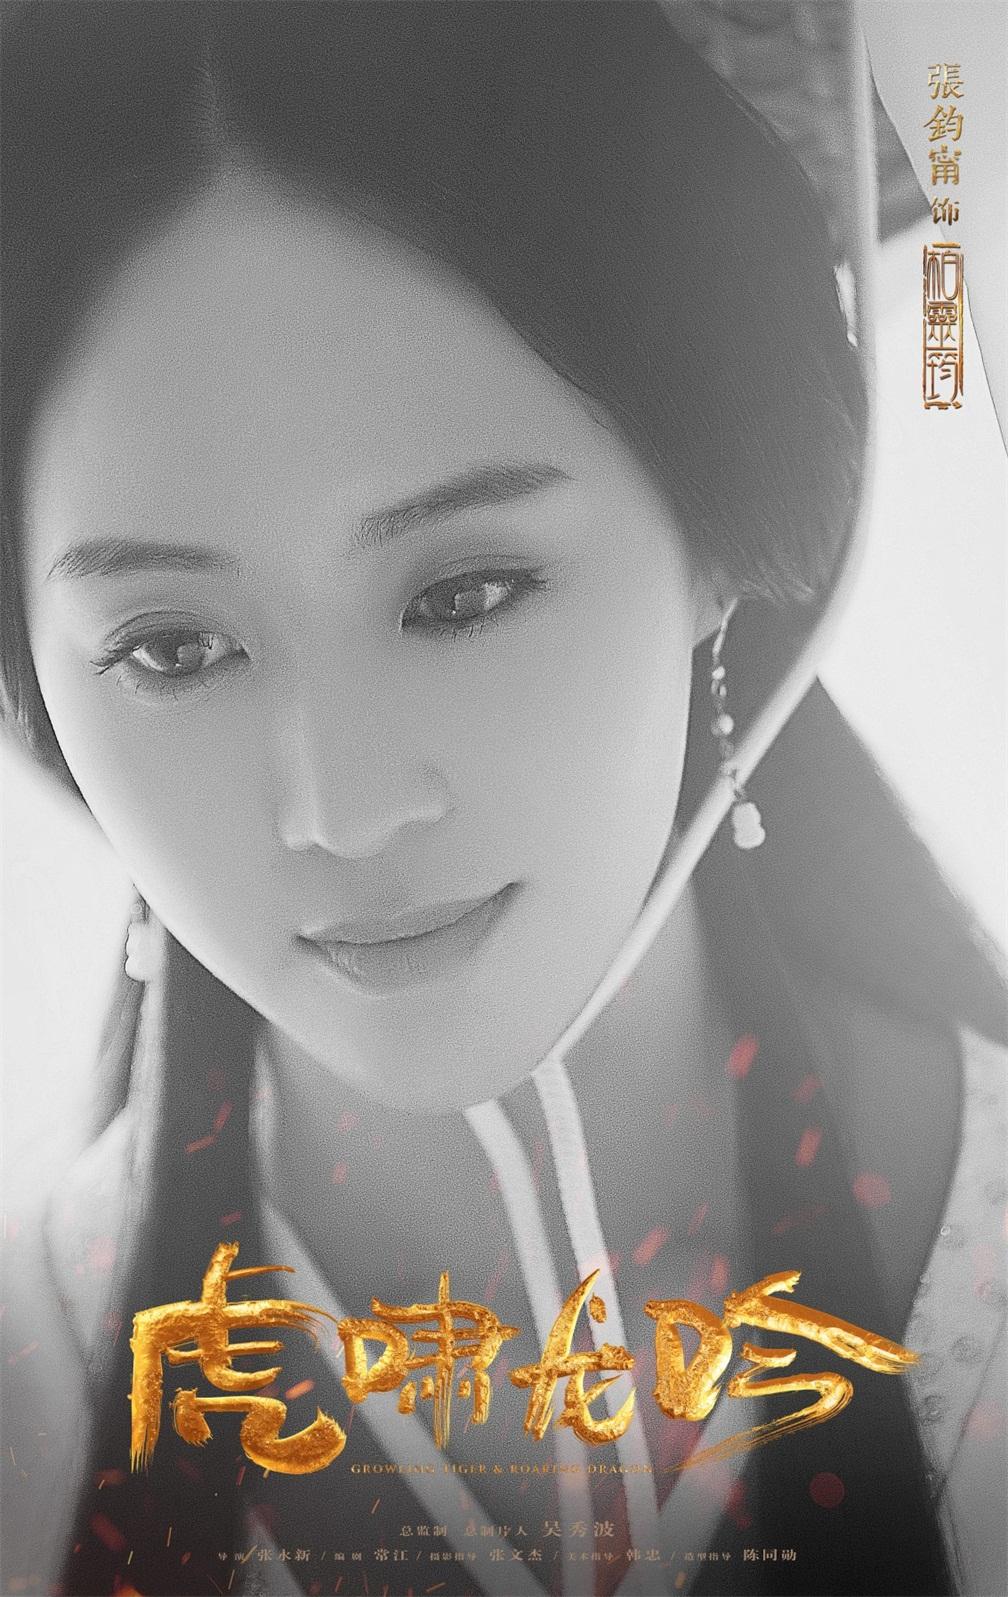 张钧甯饰演柏灵筠.jpg